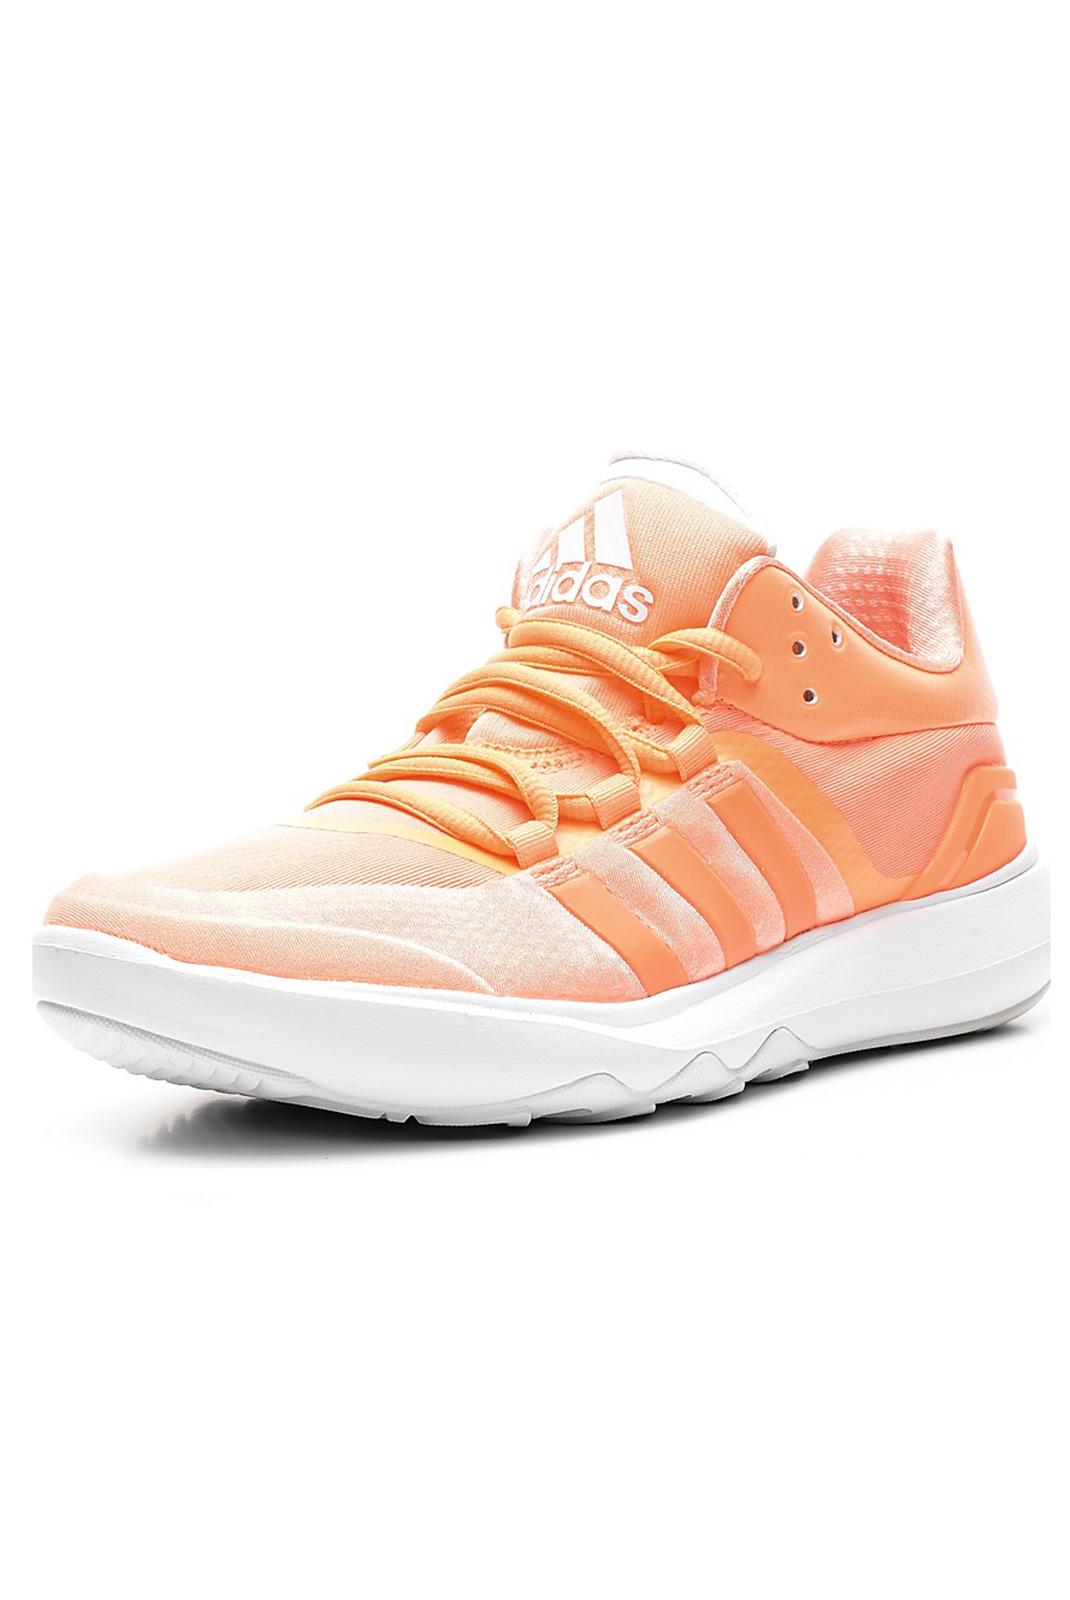 Baskets / Sneakers  Adidas B44525 GT ADAN TR W CORAIL